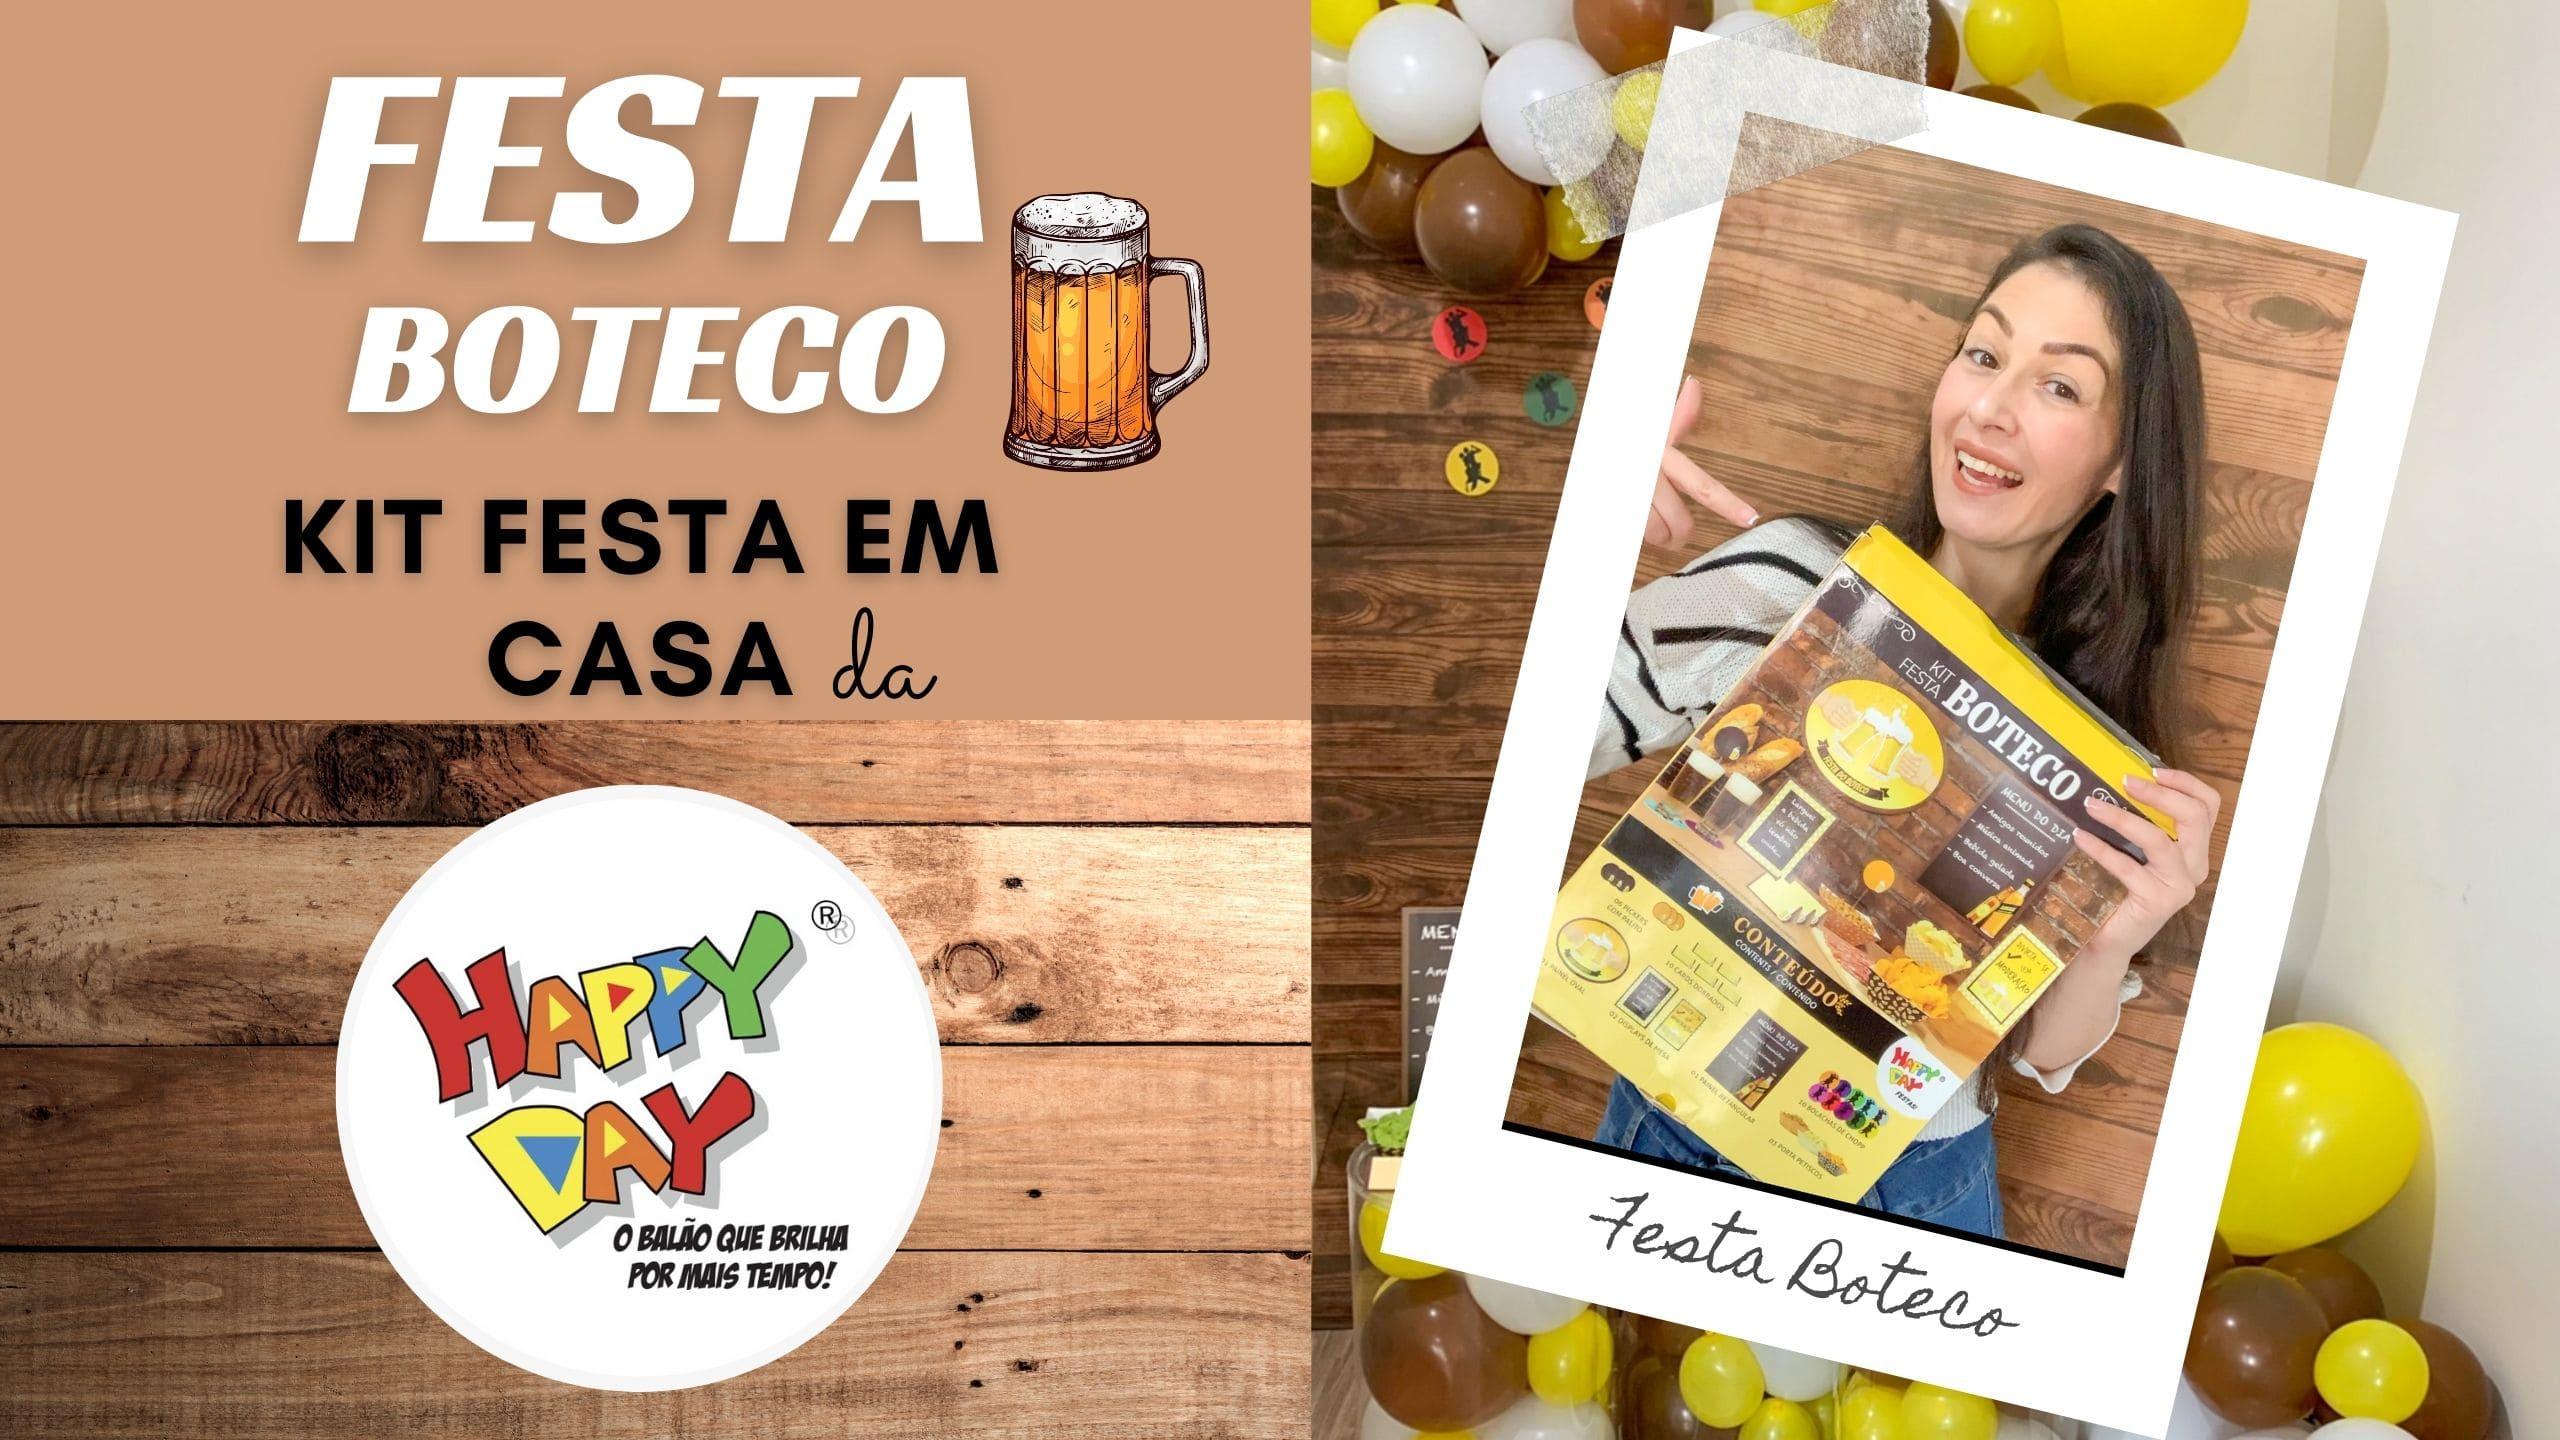 Festa Boteco – Kit festa em casa da Happy Day Balões